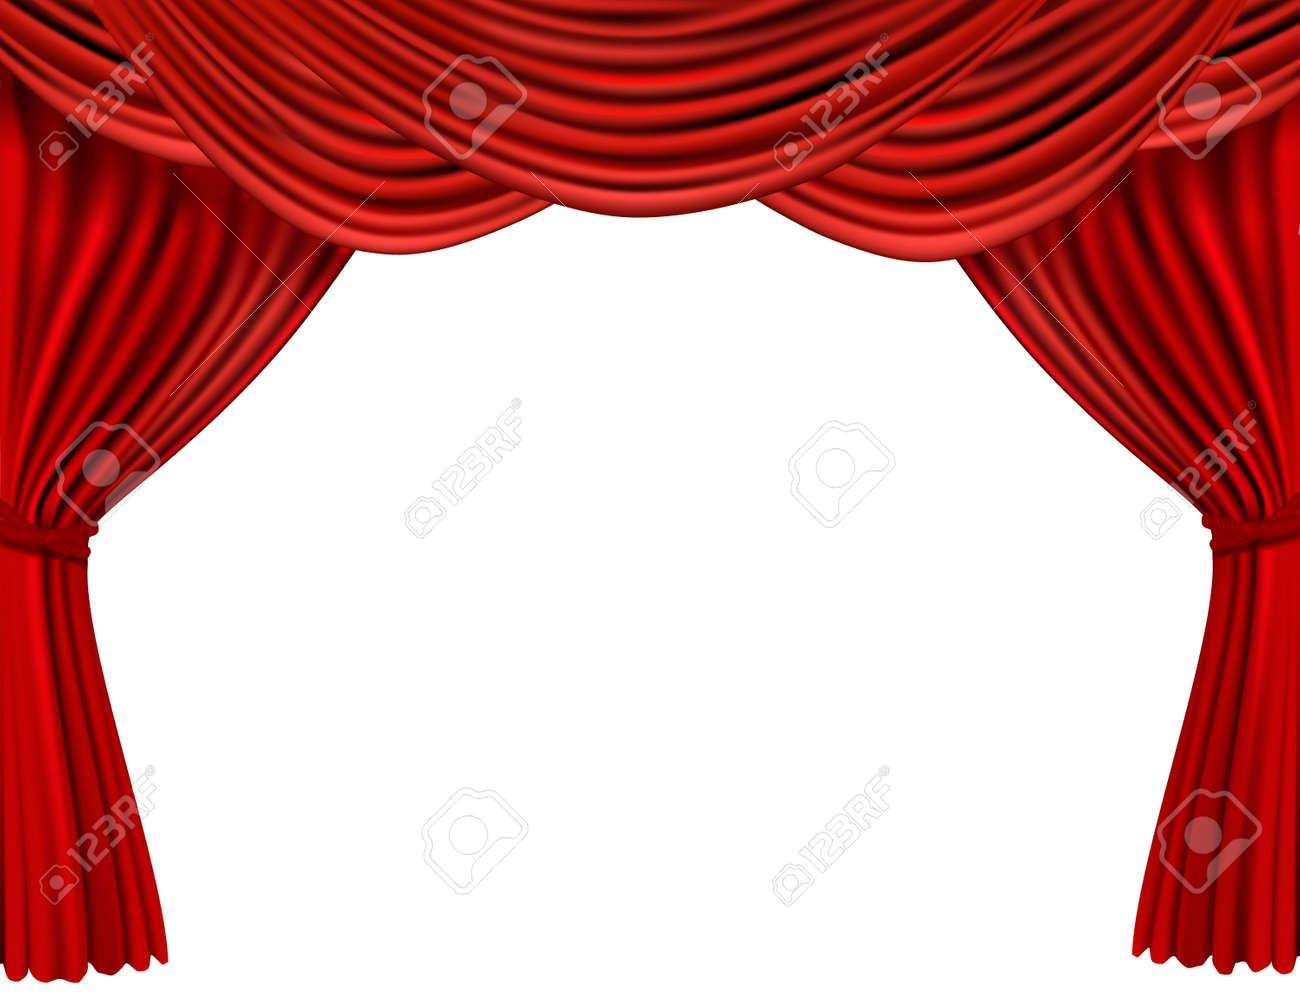 background with red velvet curtain stock vector - Velvet Curtain